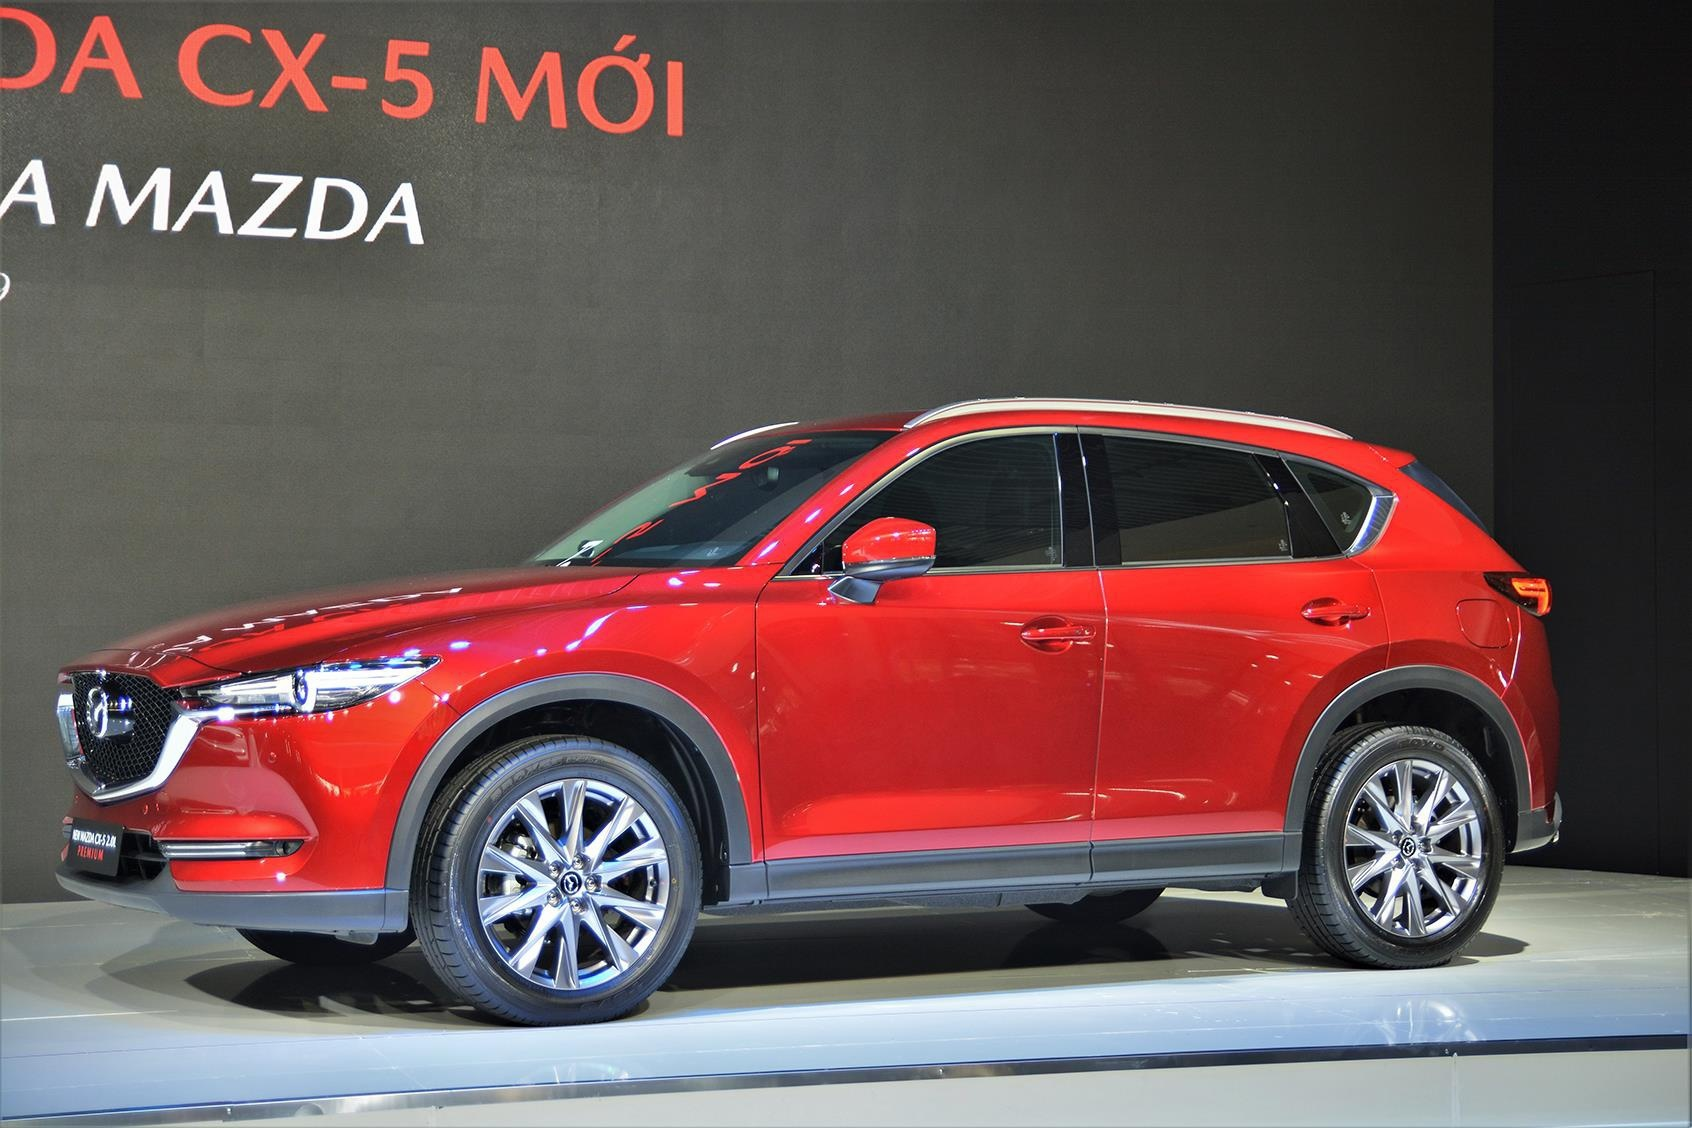 6. Mazda CX-5: 1.671 xeSự hụt hơi của Hyundai SantaFe, Tucson hay VinFast Lux SA2.0 tạo cơ hội để Mazda CX-5 cải thiện vị thế. Từ bậc